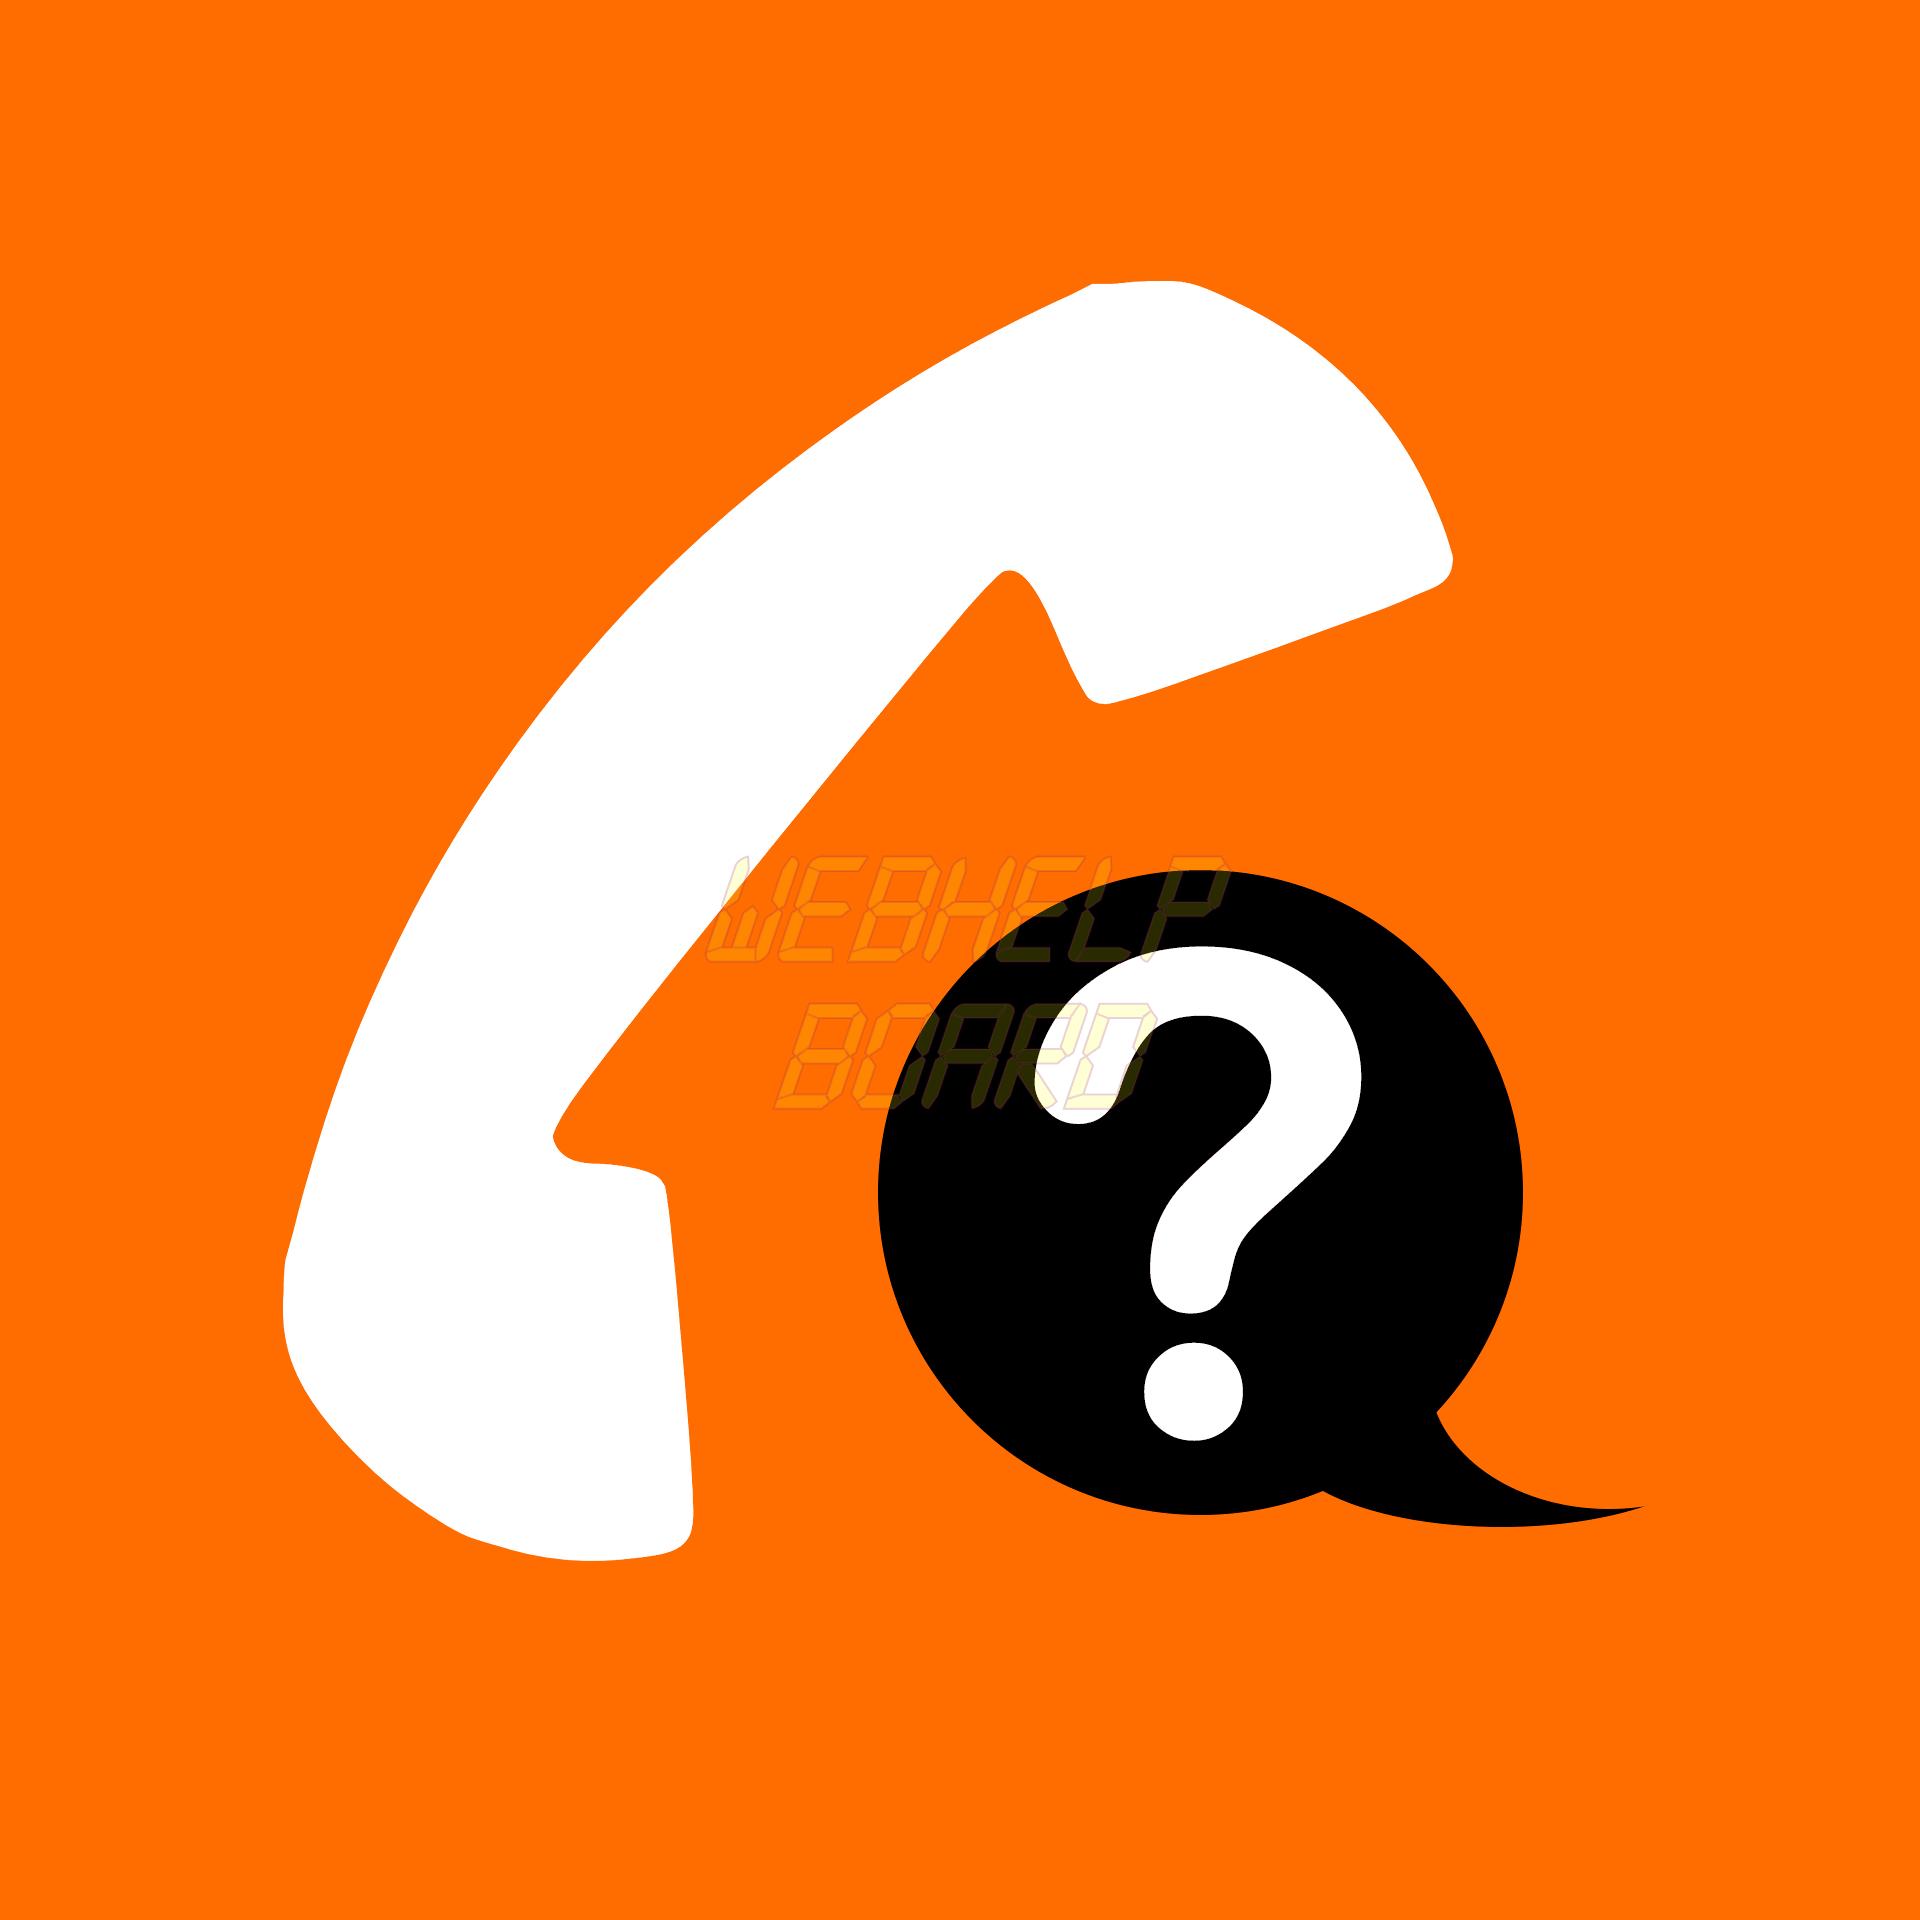 quemperturba logo - Tutorial: saiba como bloquear as ligações de telemarketing